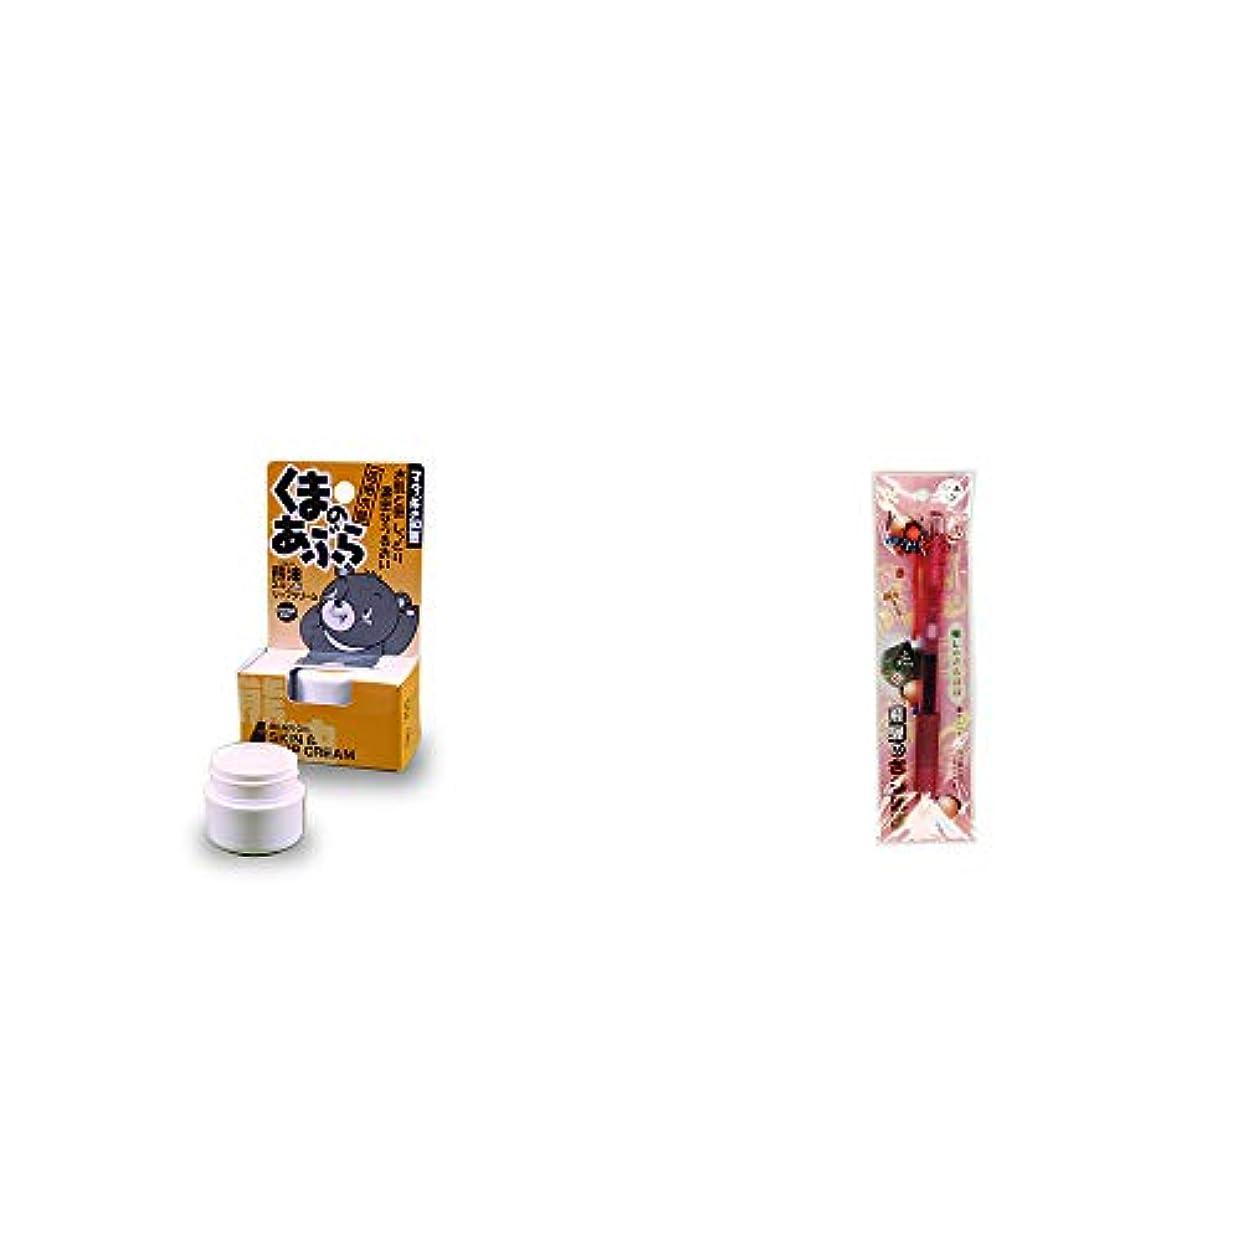 願望コカイン所得[2点セット] 信州木曽 くまのあぶら 熊油スキン&リップクリーム(9g)?さるぼぼ 癒しボールペン 【ピンク】